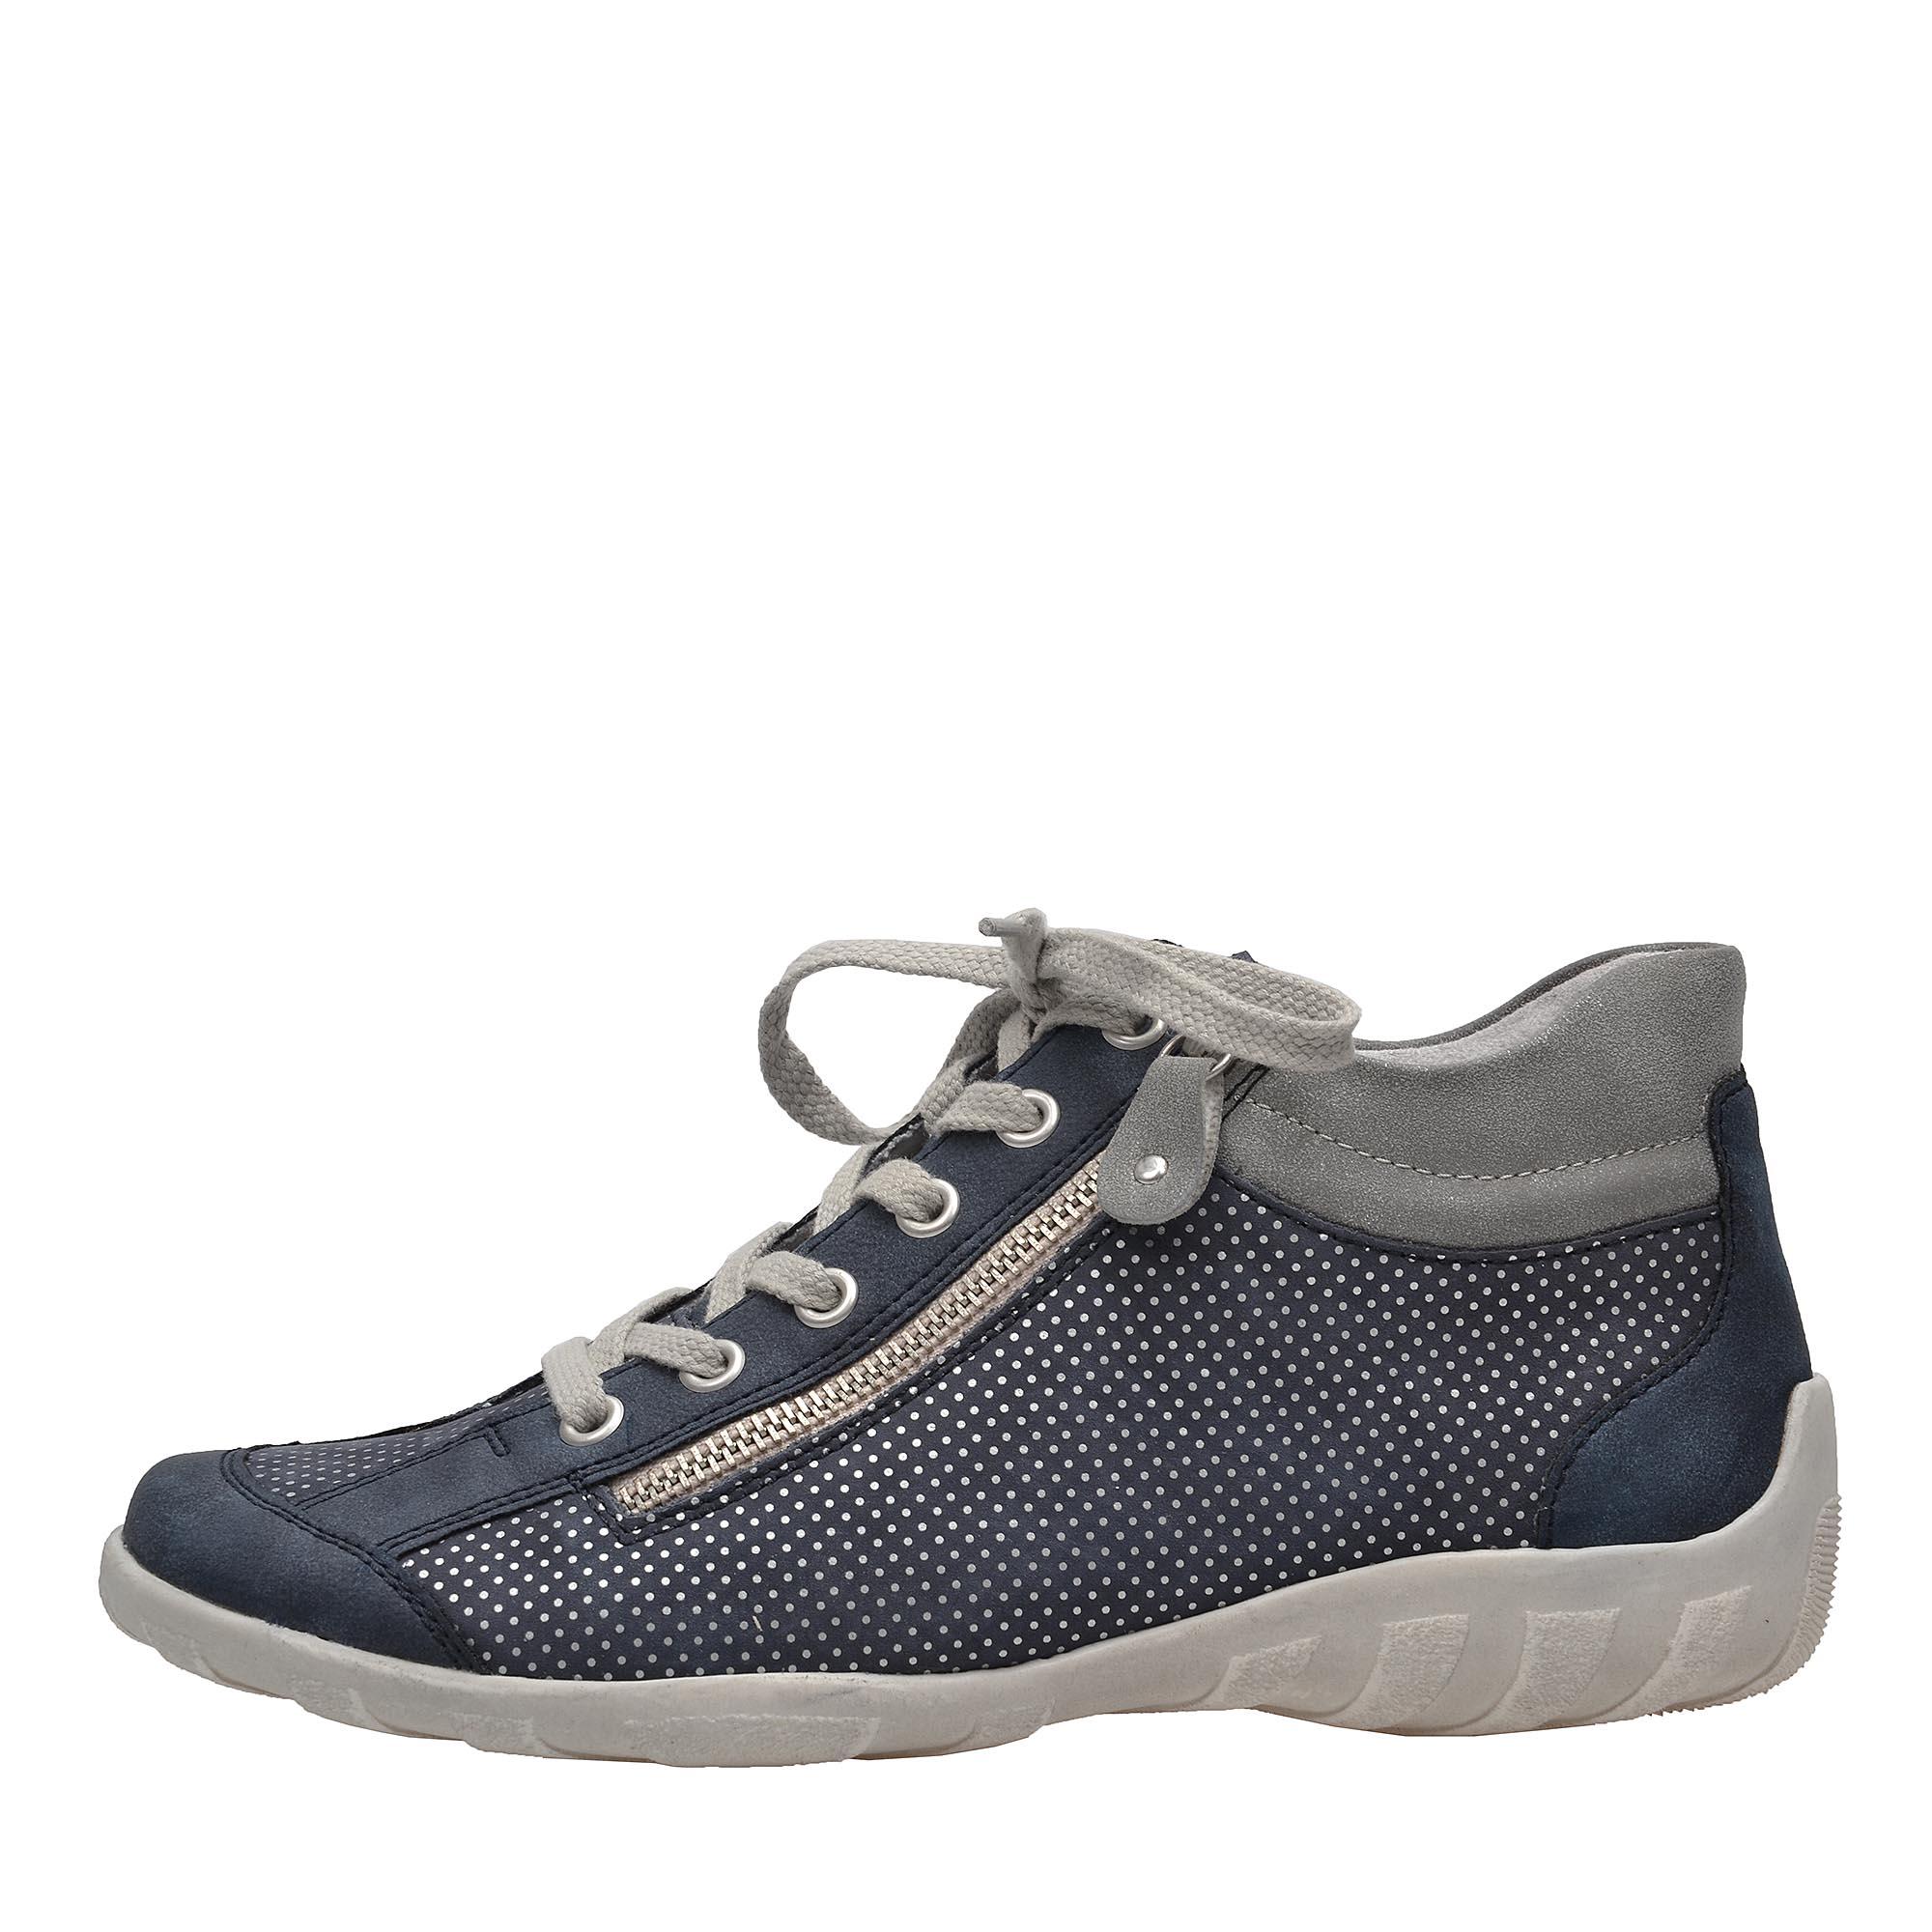 0c4e01e03755 detail Dámska obuv RIEKER - REMONTE br R3487 14 BLAU KOMBI F